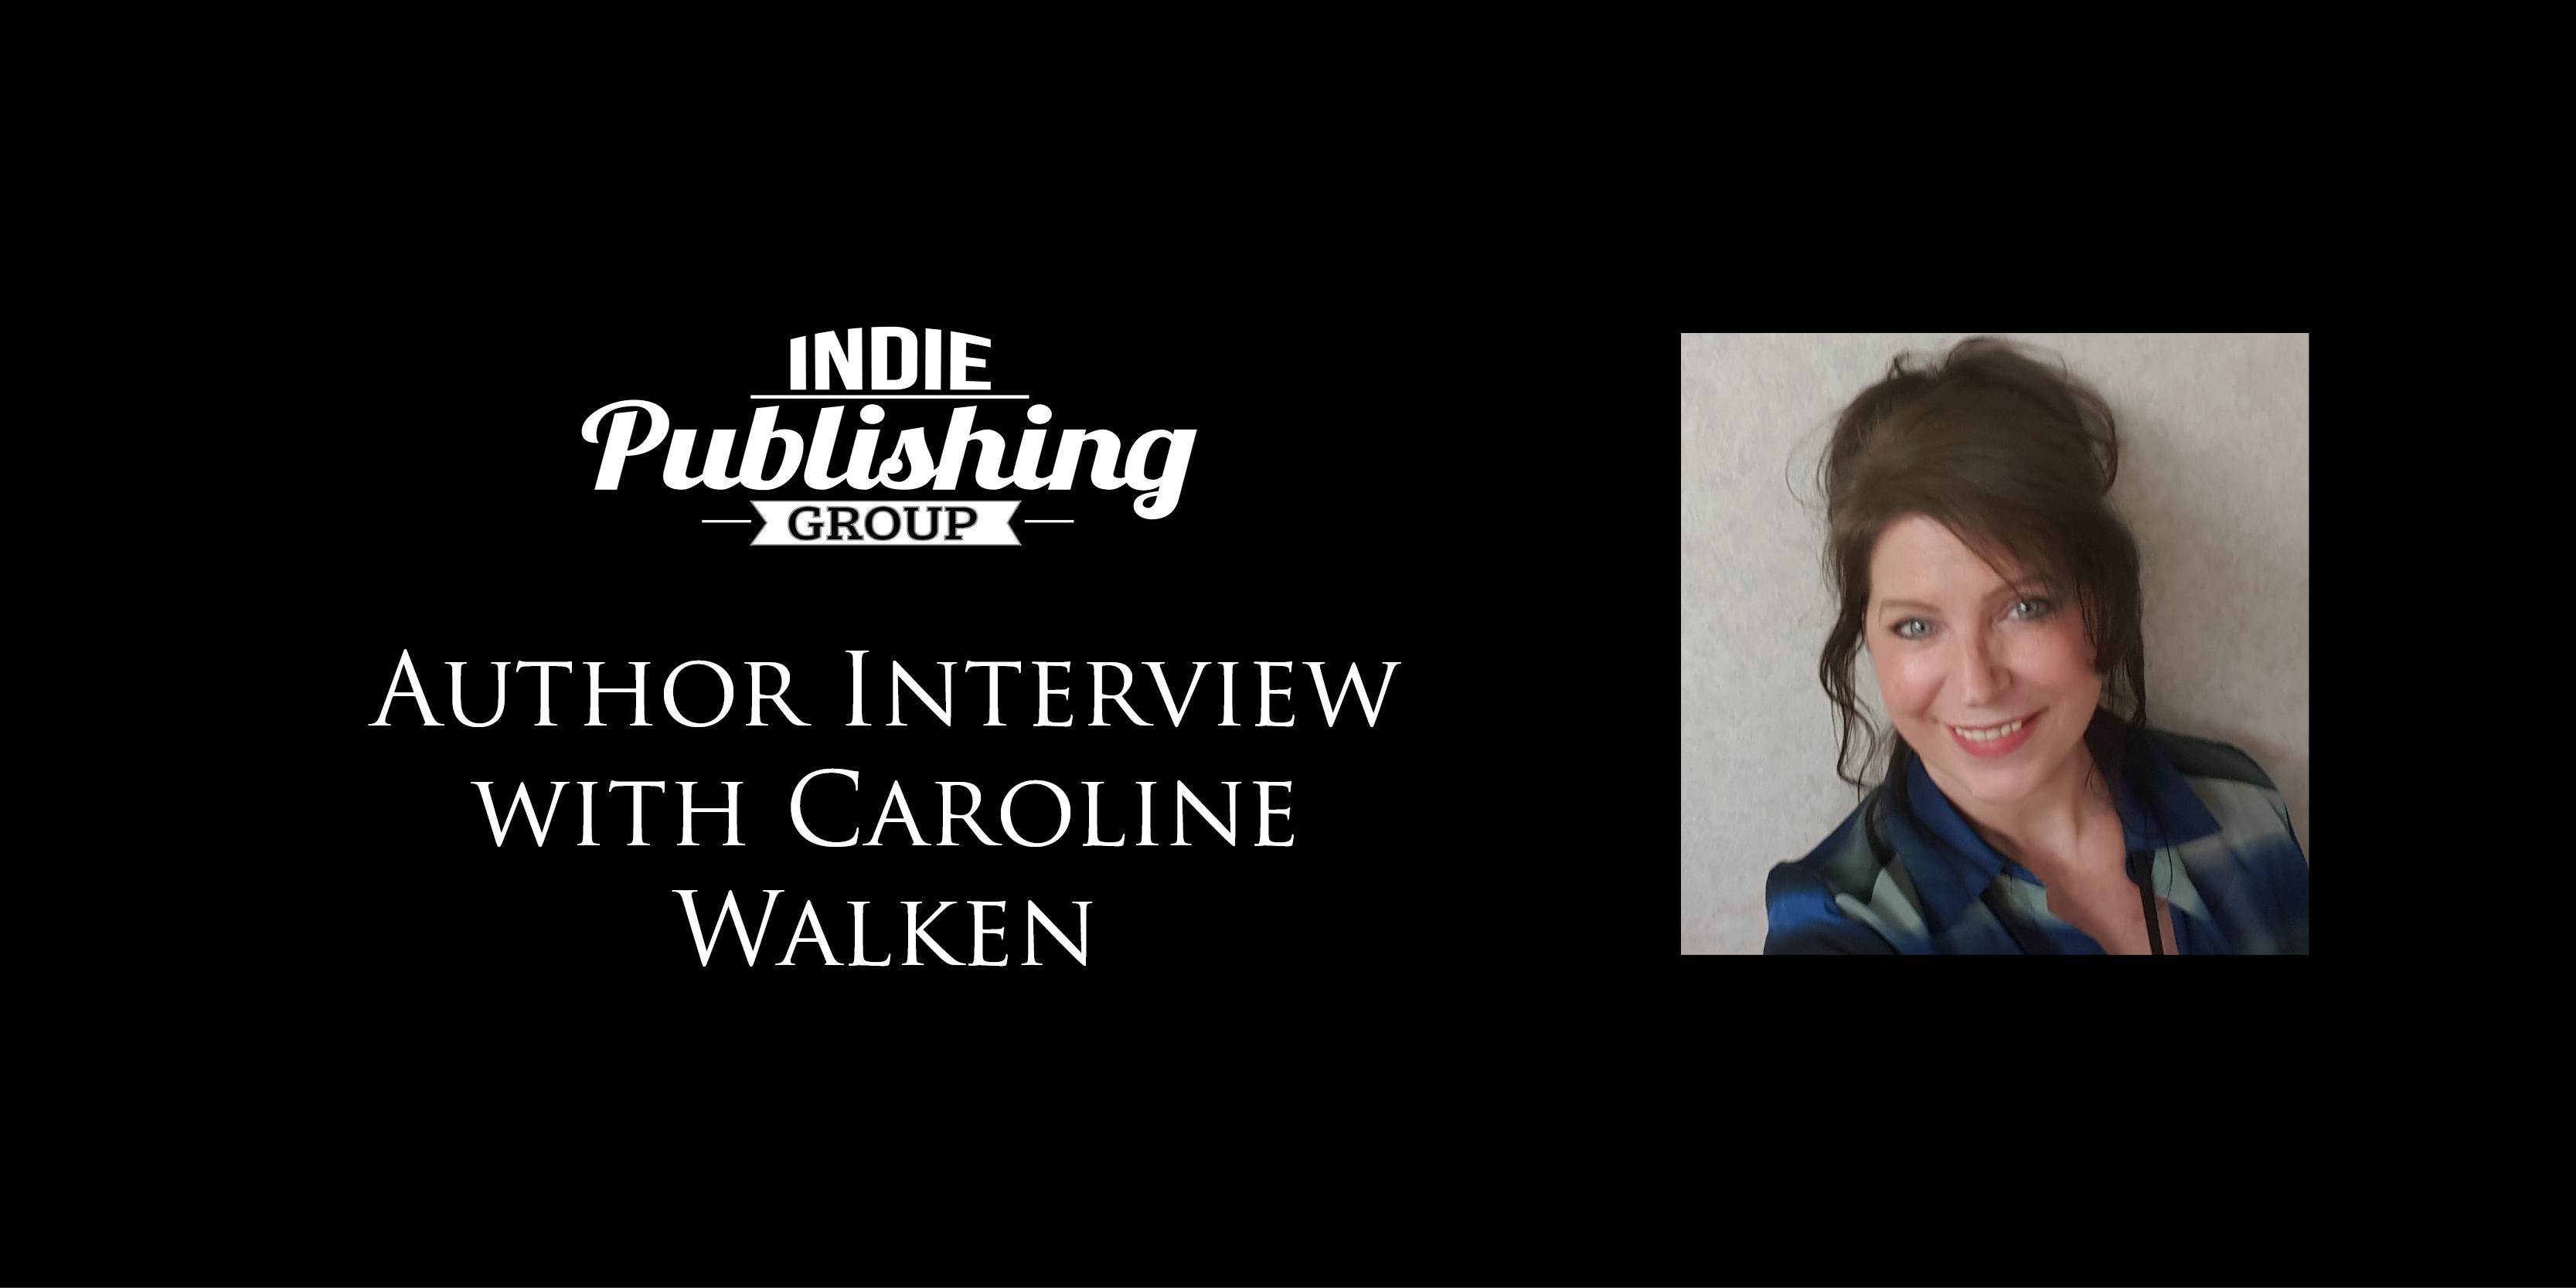 Author Interview with Caroline Walken